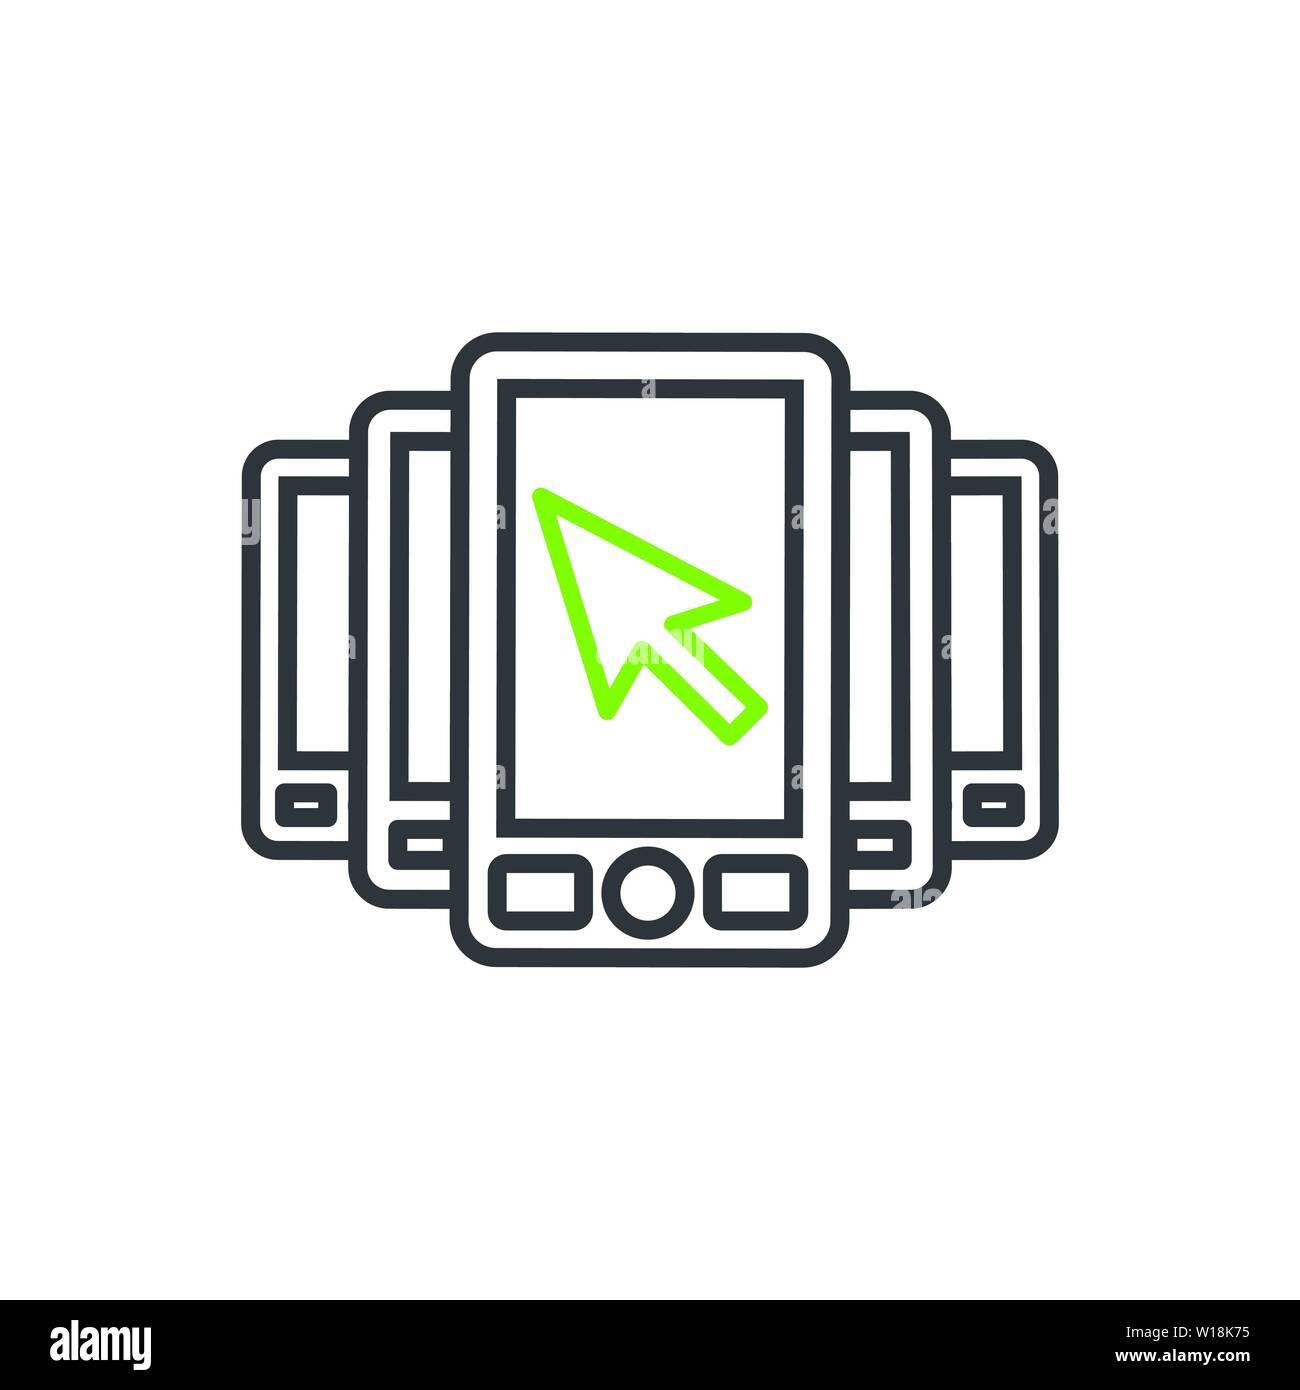 Website clicks icon ; pointer icon - unscrupulously acquiring website clicks - Stock Vector